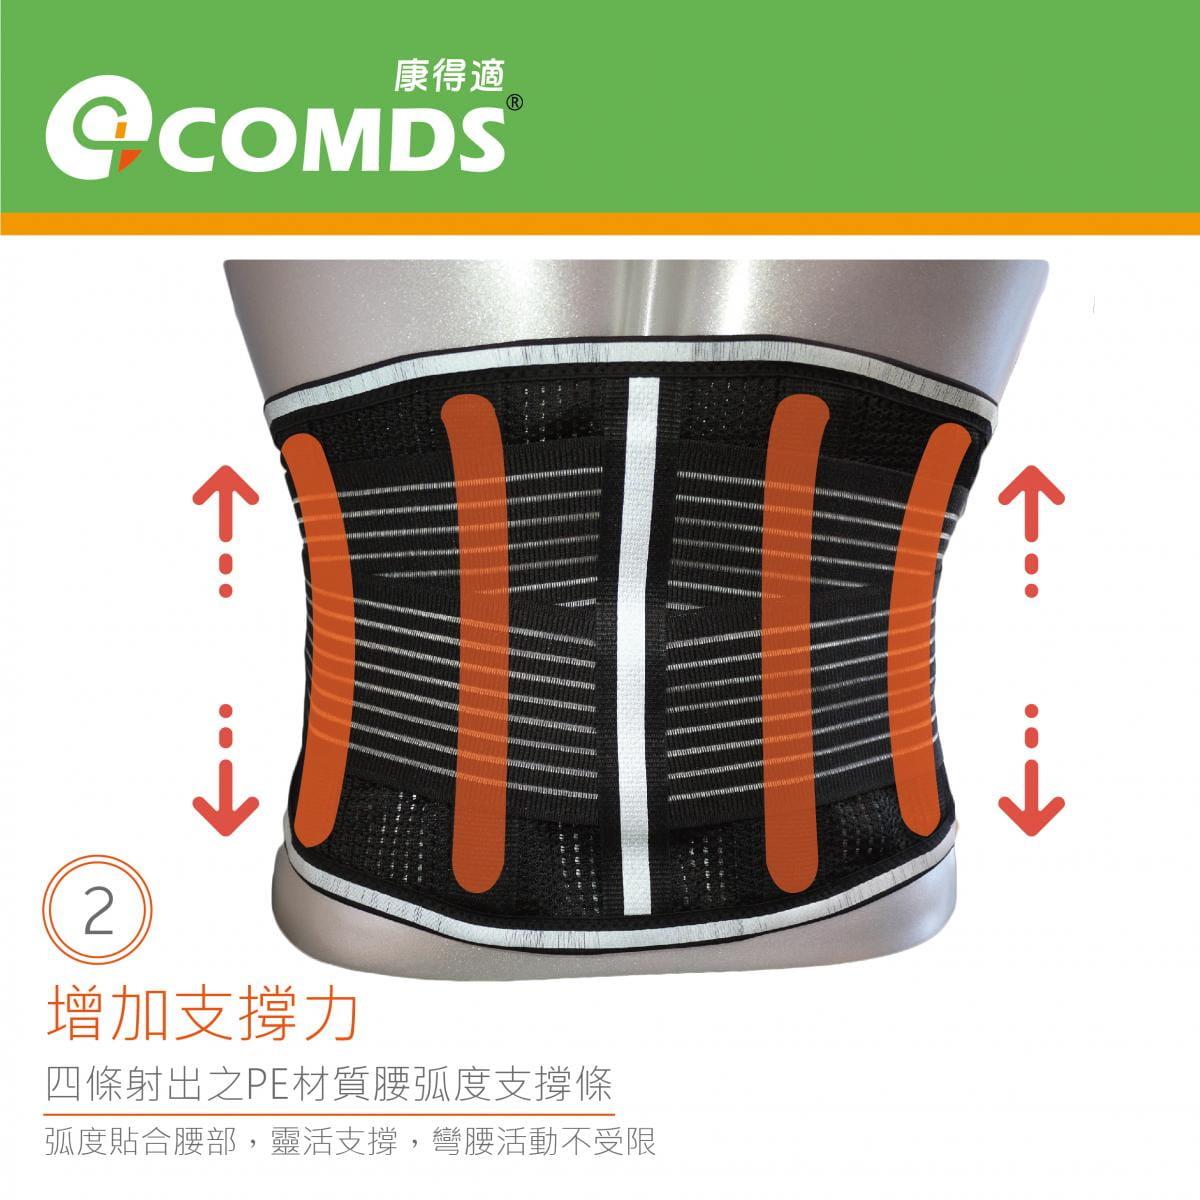 【康得適】UL-501反光纖薄護腰 微笑標章台灣製造 3